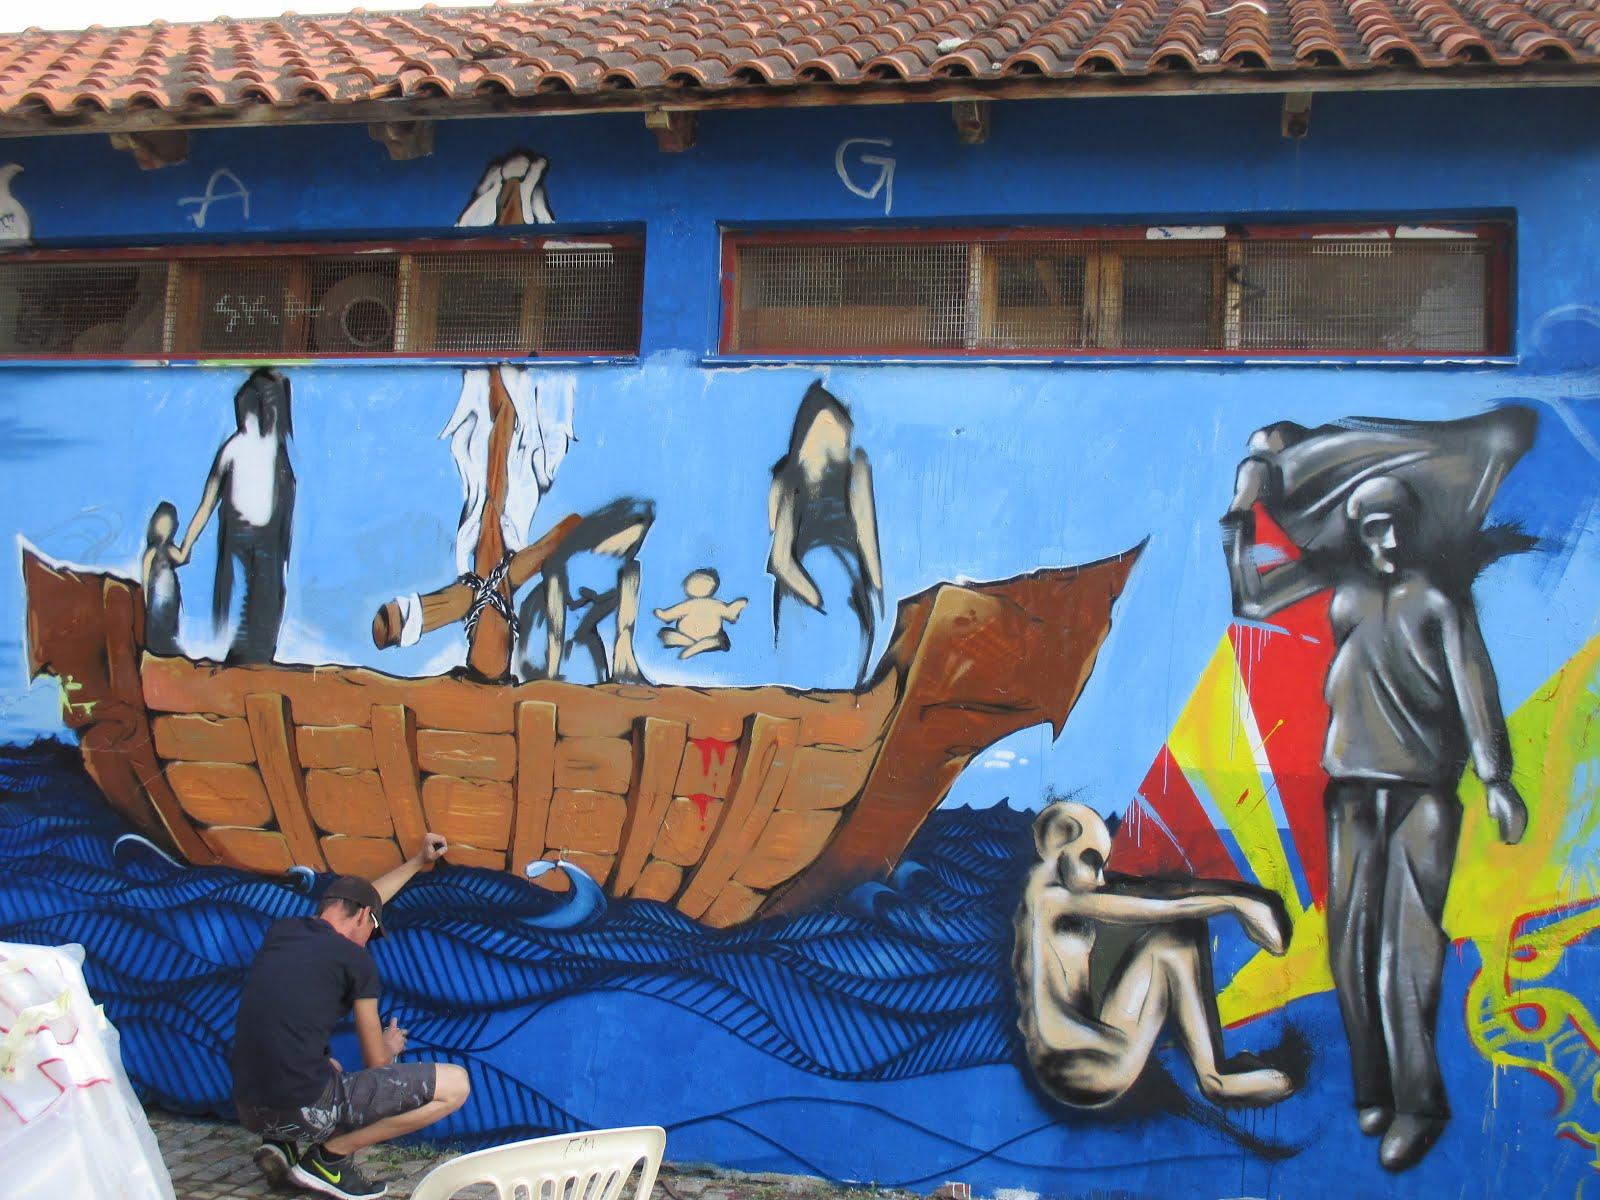 Graffiti Art at the Anti-Racist Festival, Chania, Crete, June 2015